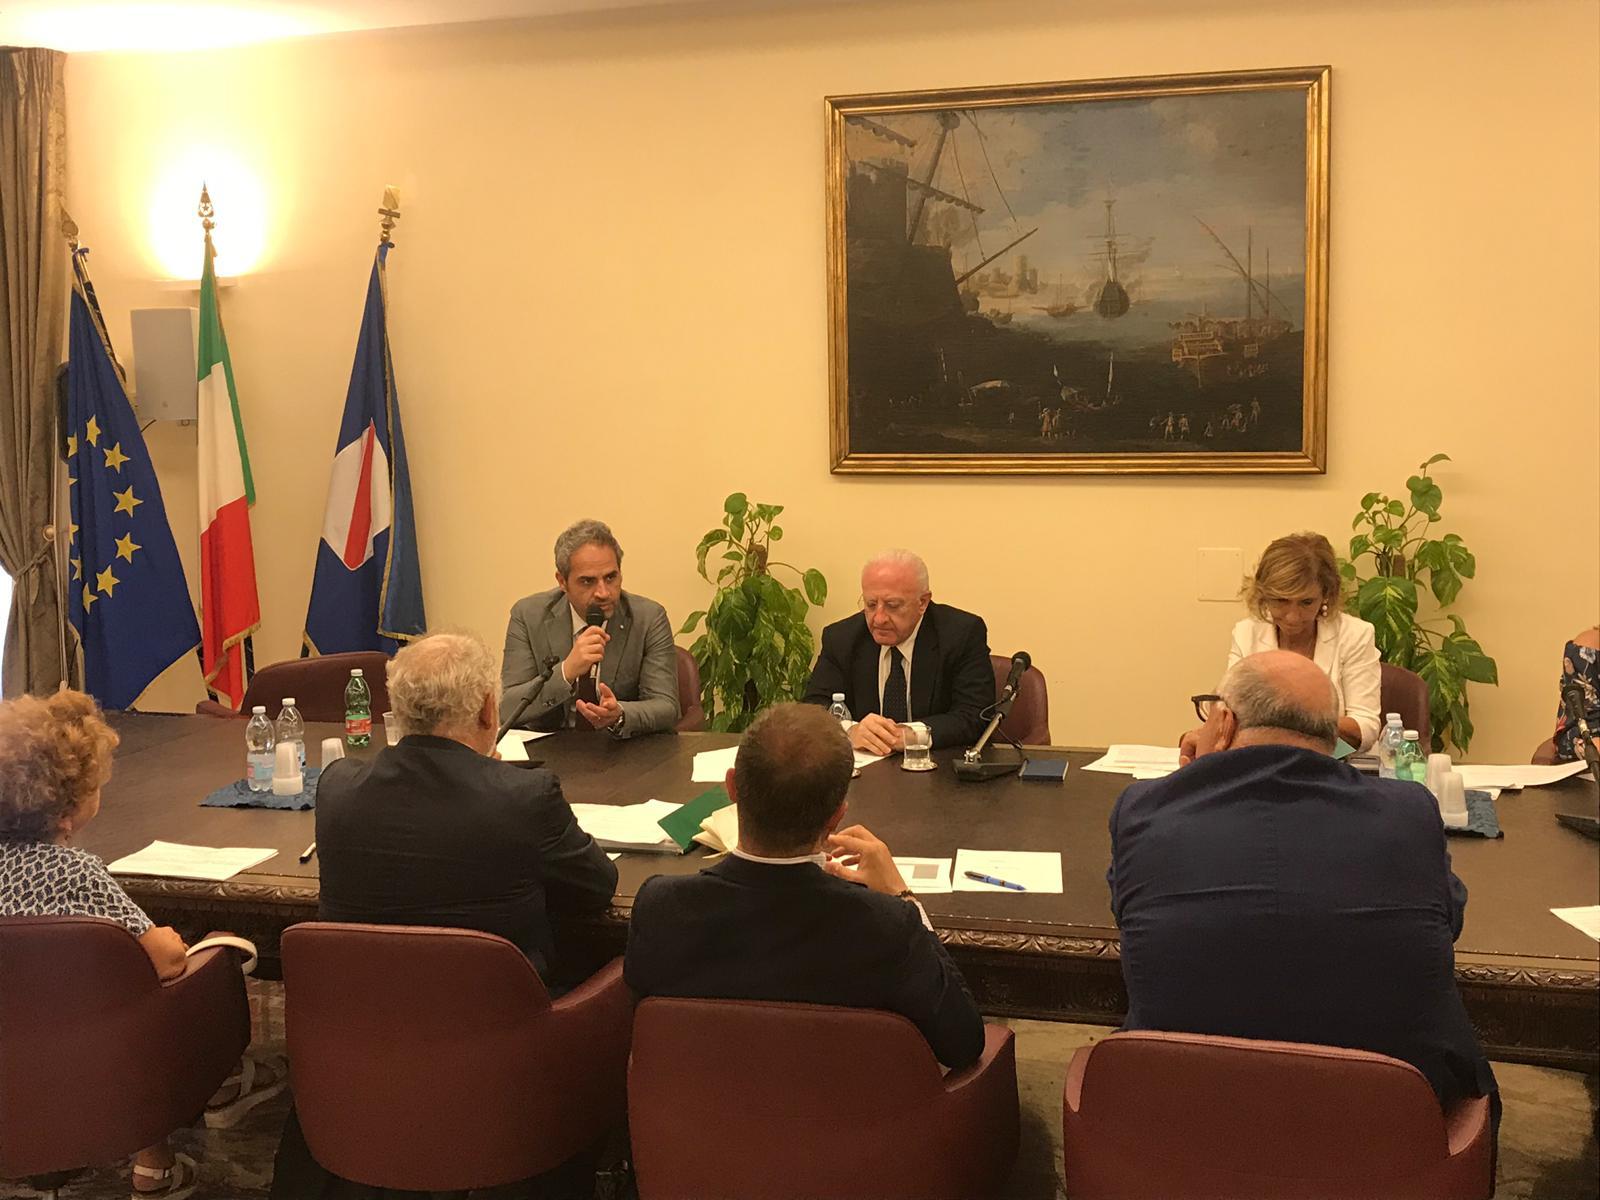 Approvato Apq Forestazione, Petracca: via libera alla riforma del comparto